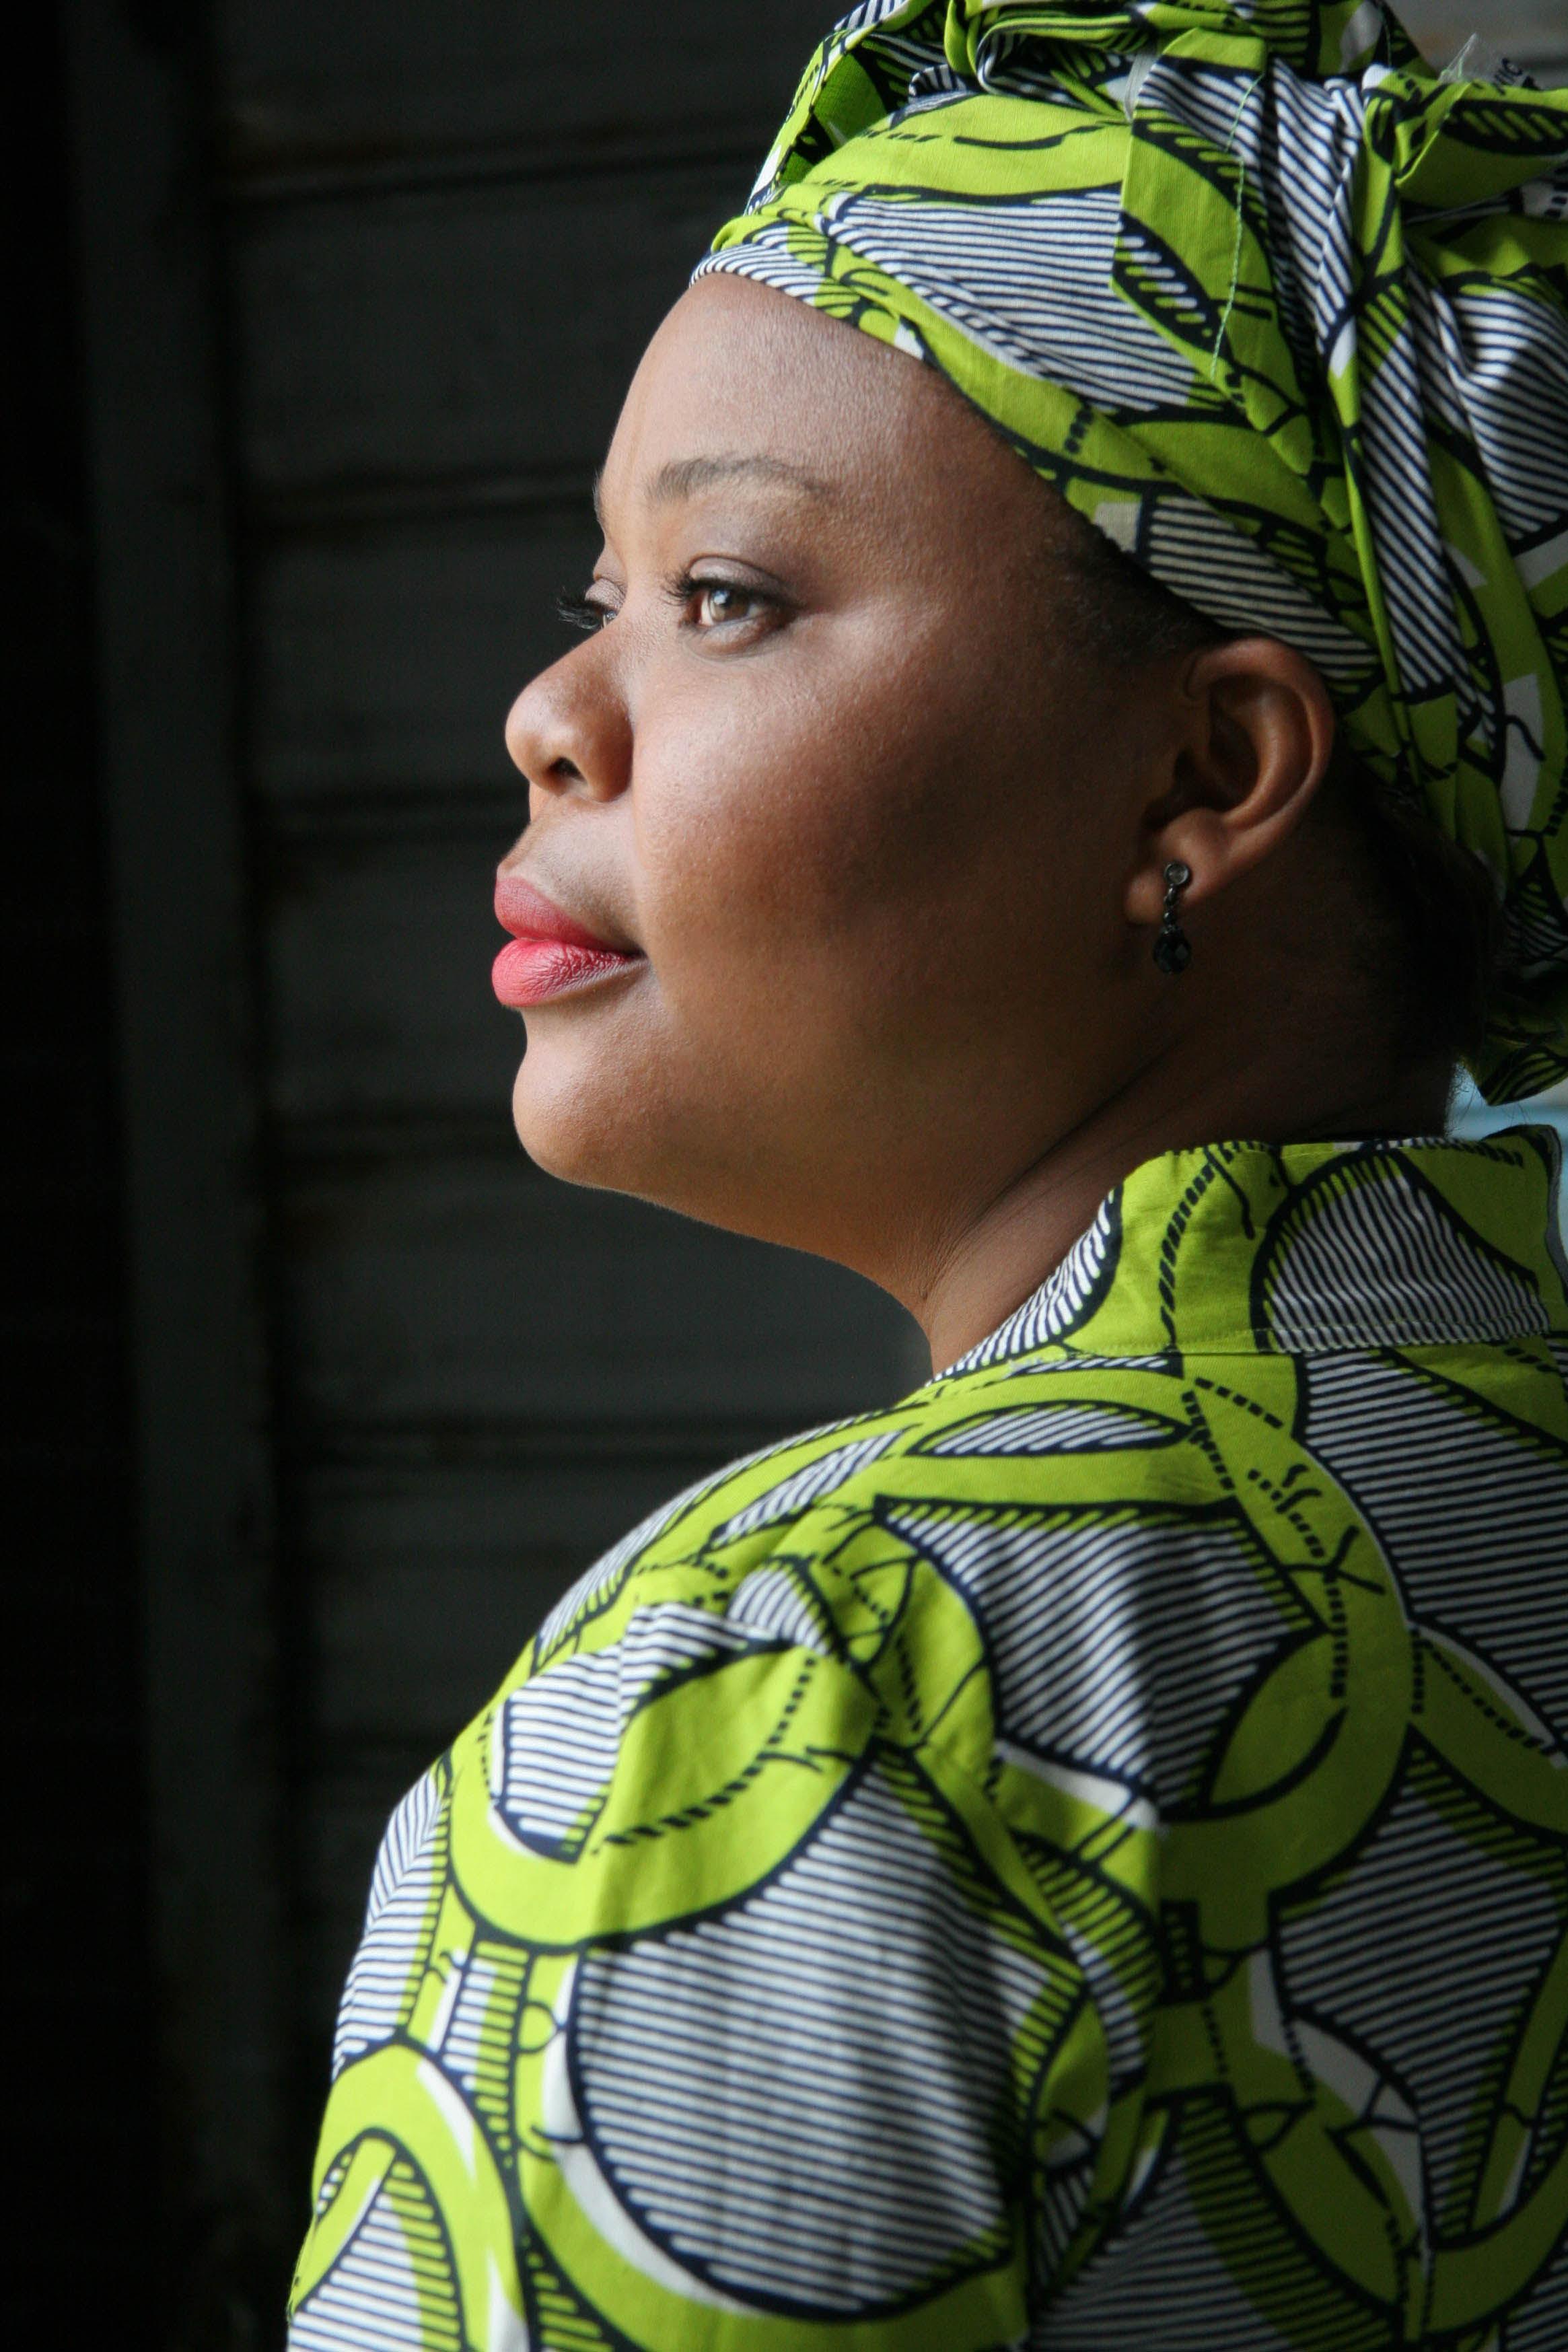 2011 Nobel Peace Prize winner Leymah Gbowee